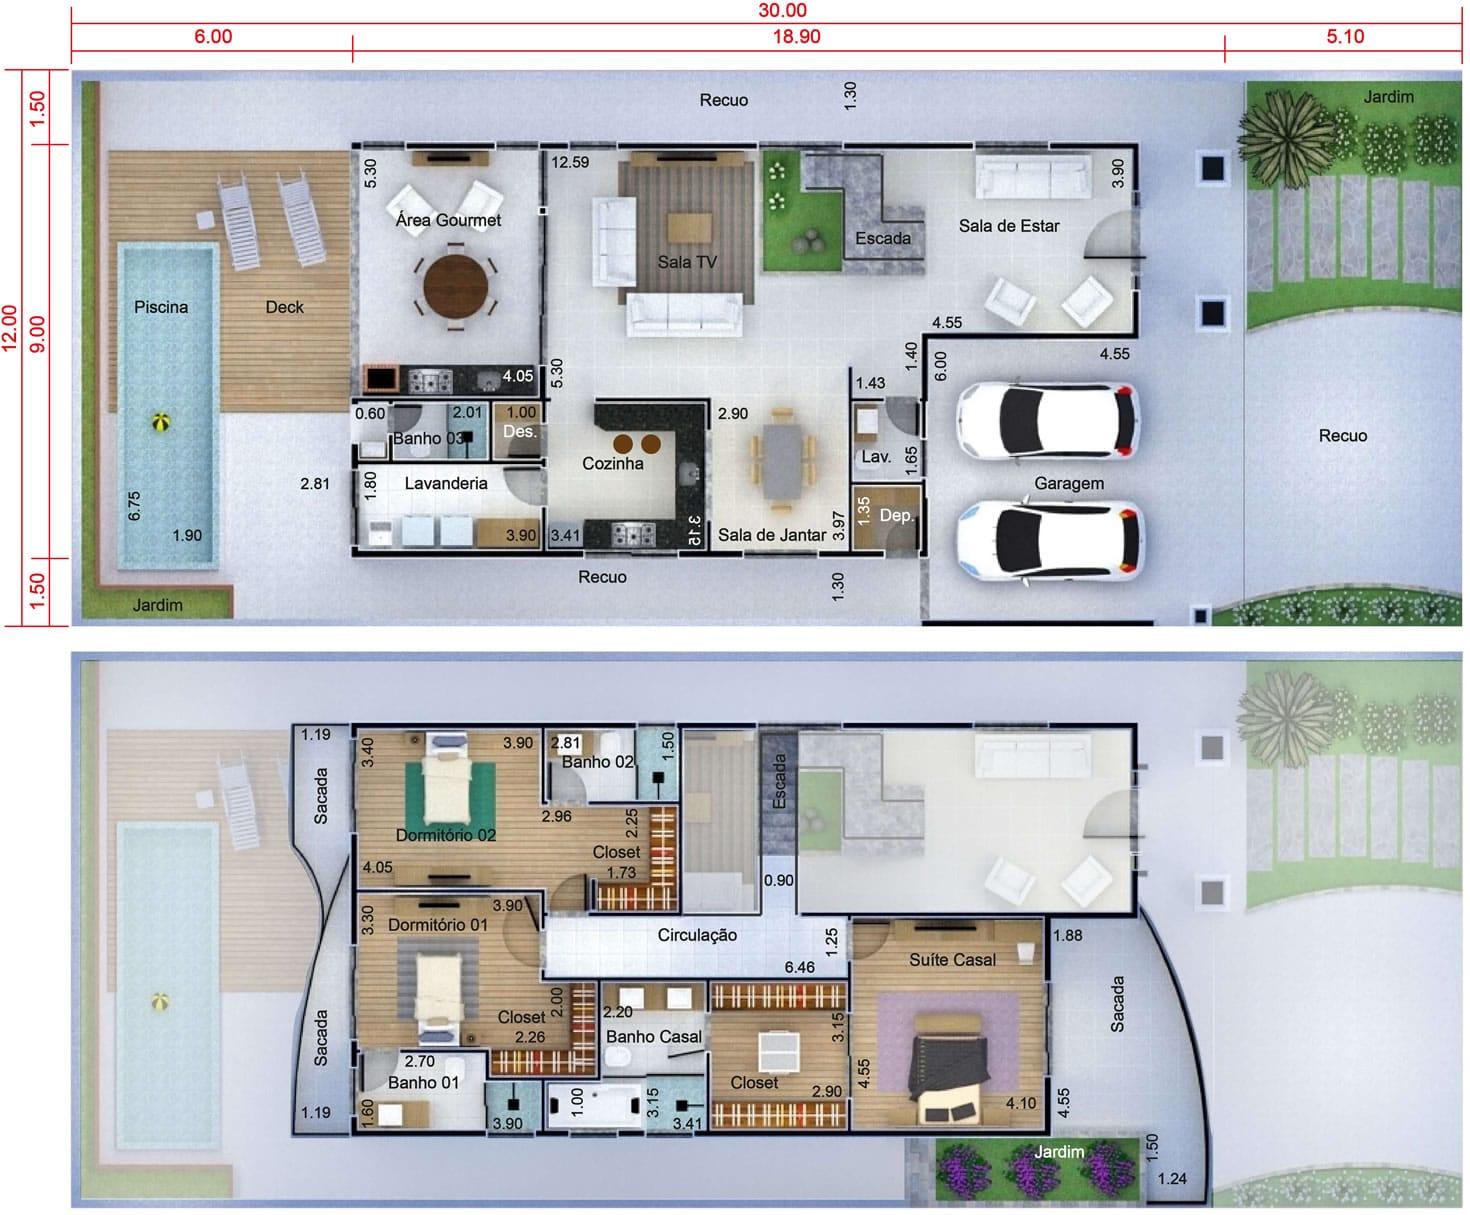 Planta de casa neocl ssica projetos de casas modelos de - Plantas para casas ...